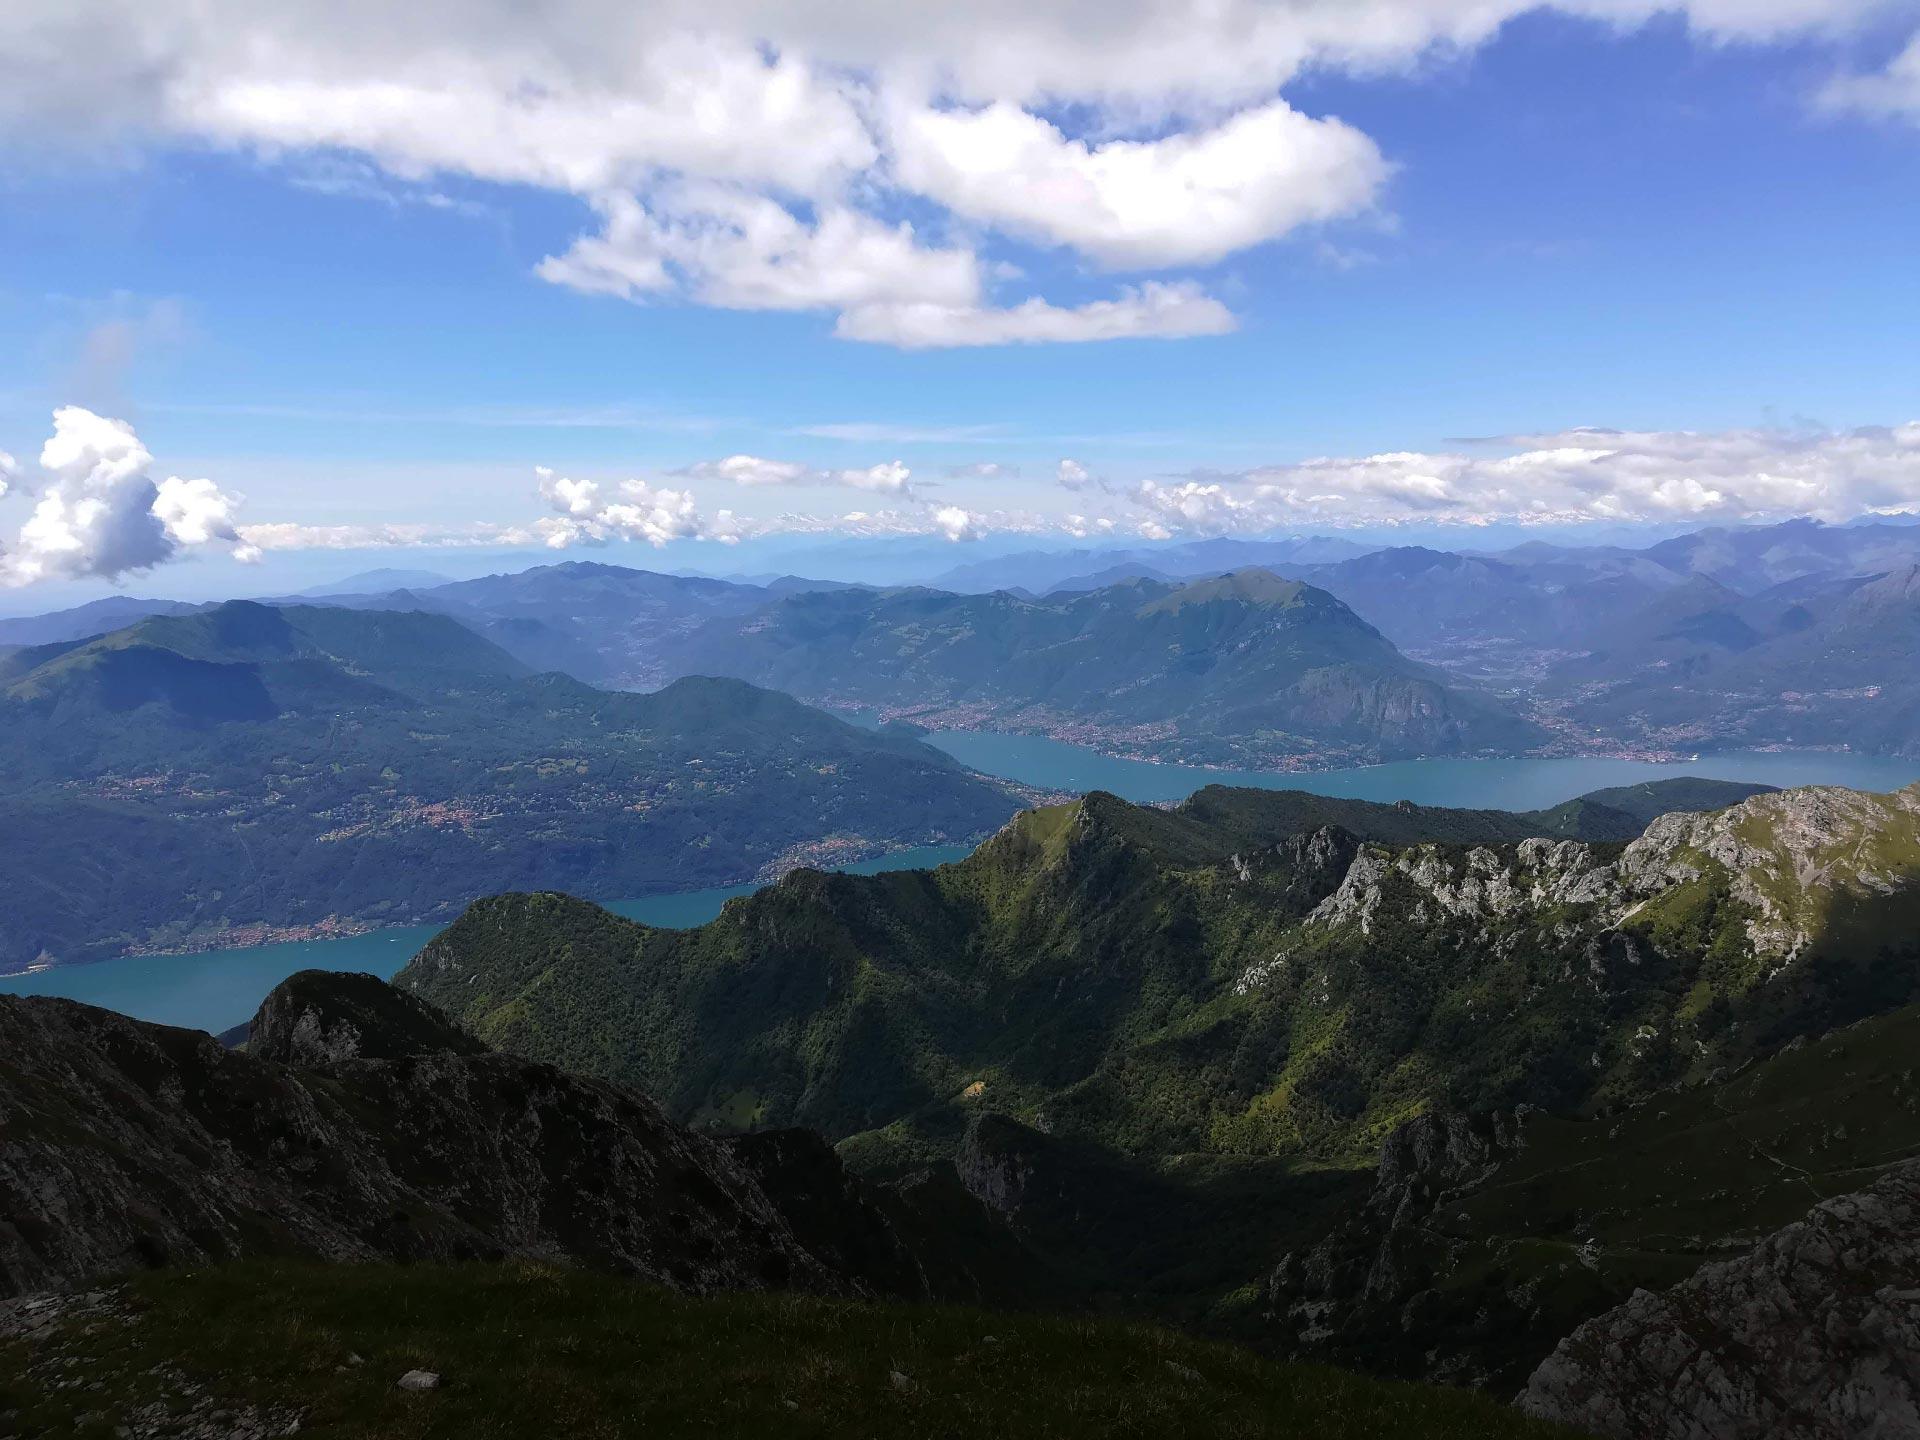 verso il Rifugio Brioschi: vista sul lago di Como, Lecco, Lombardia